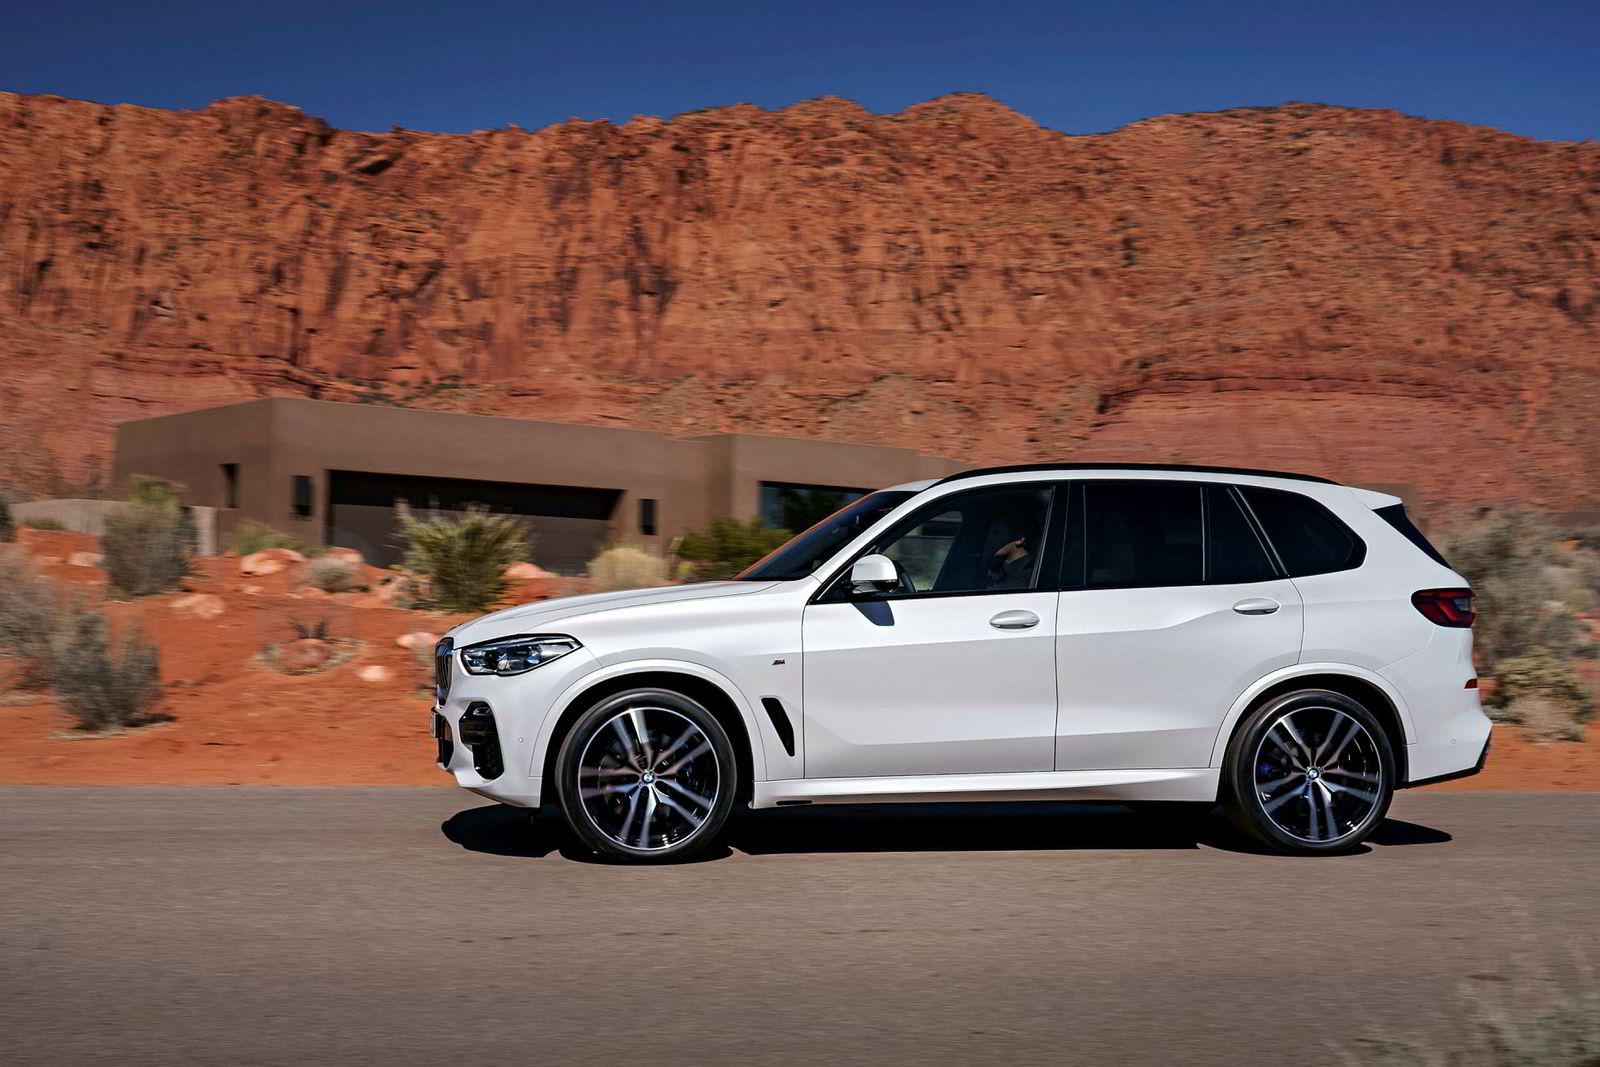 Bilen får en pris på nesten en million kroner da den kommer i november.